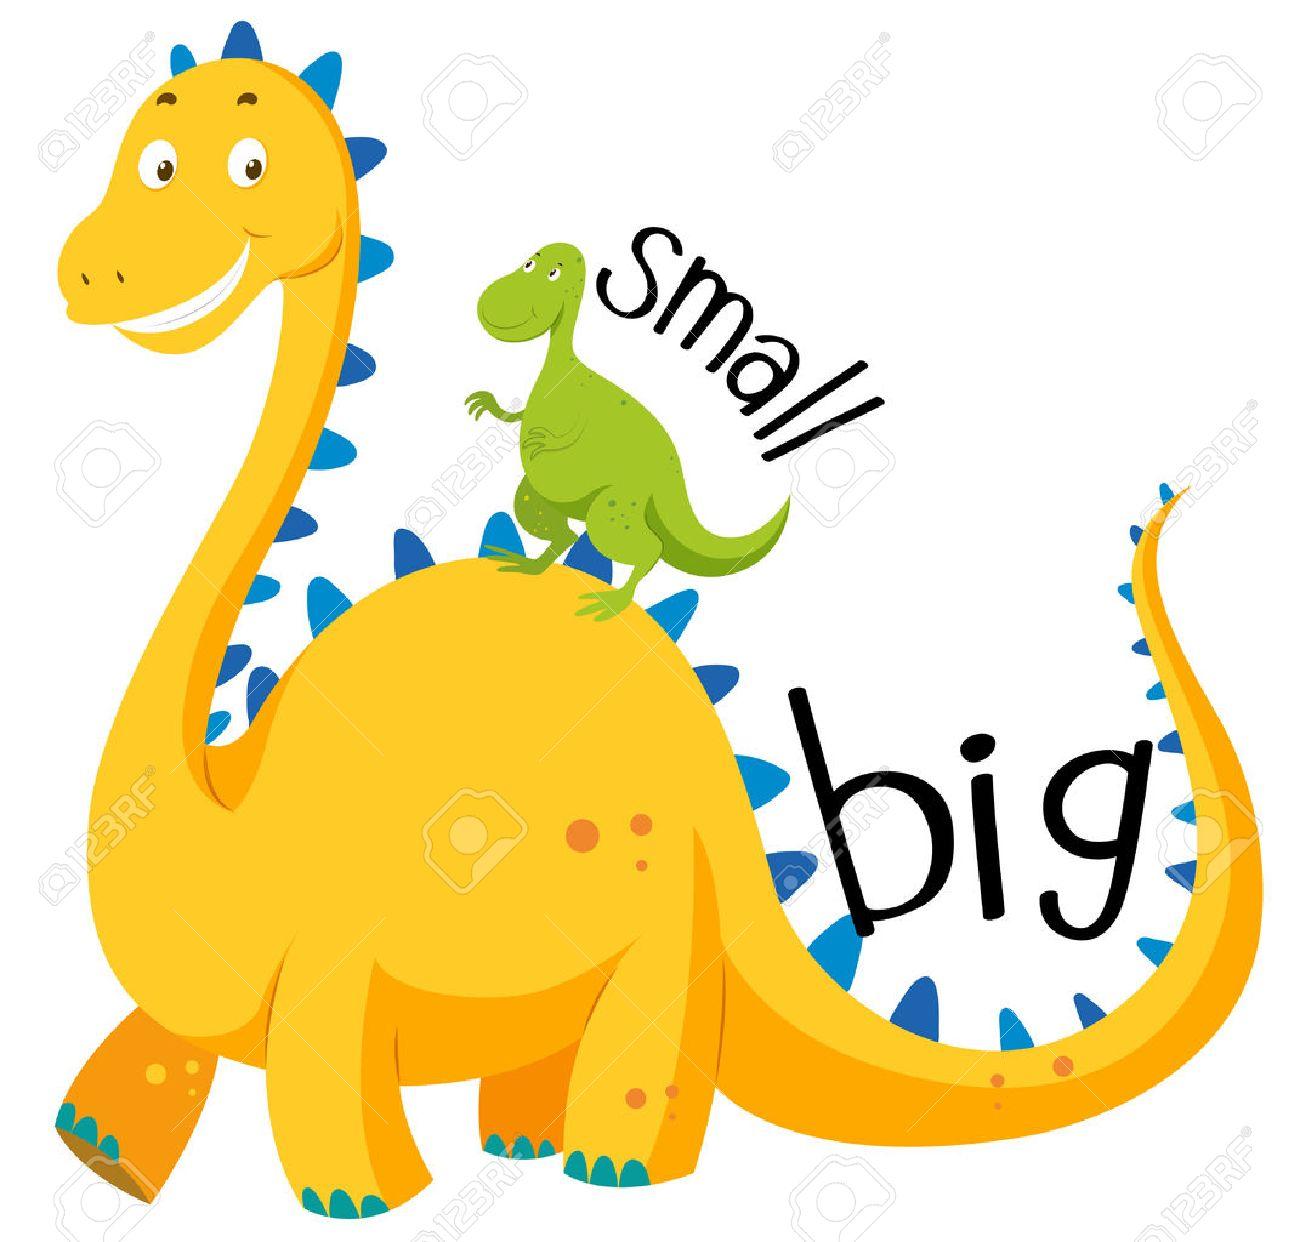 tính từ trong tiếng anh big và small